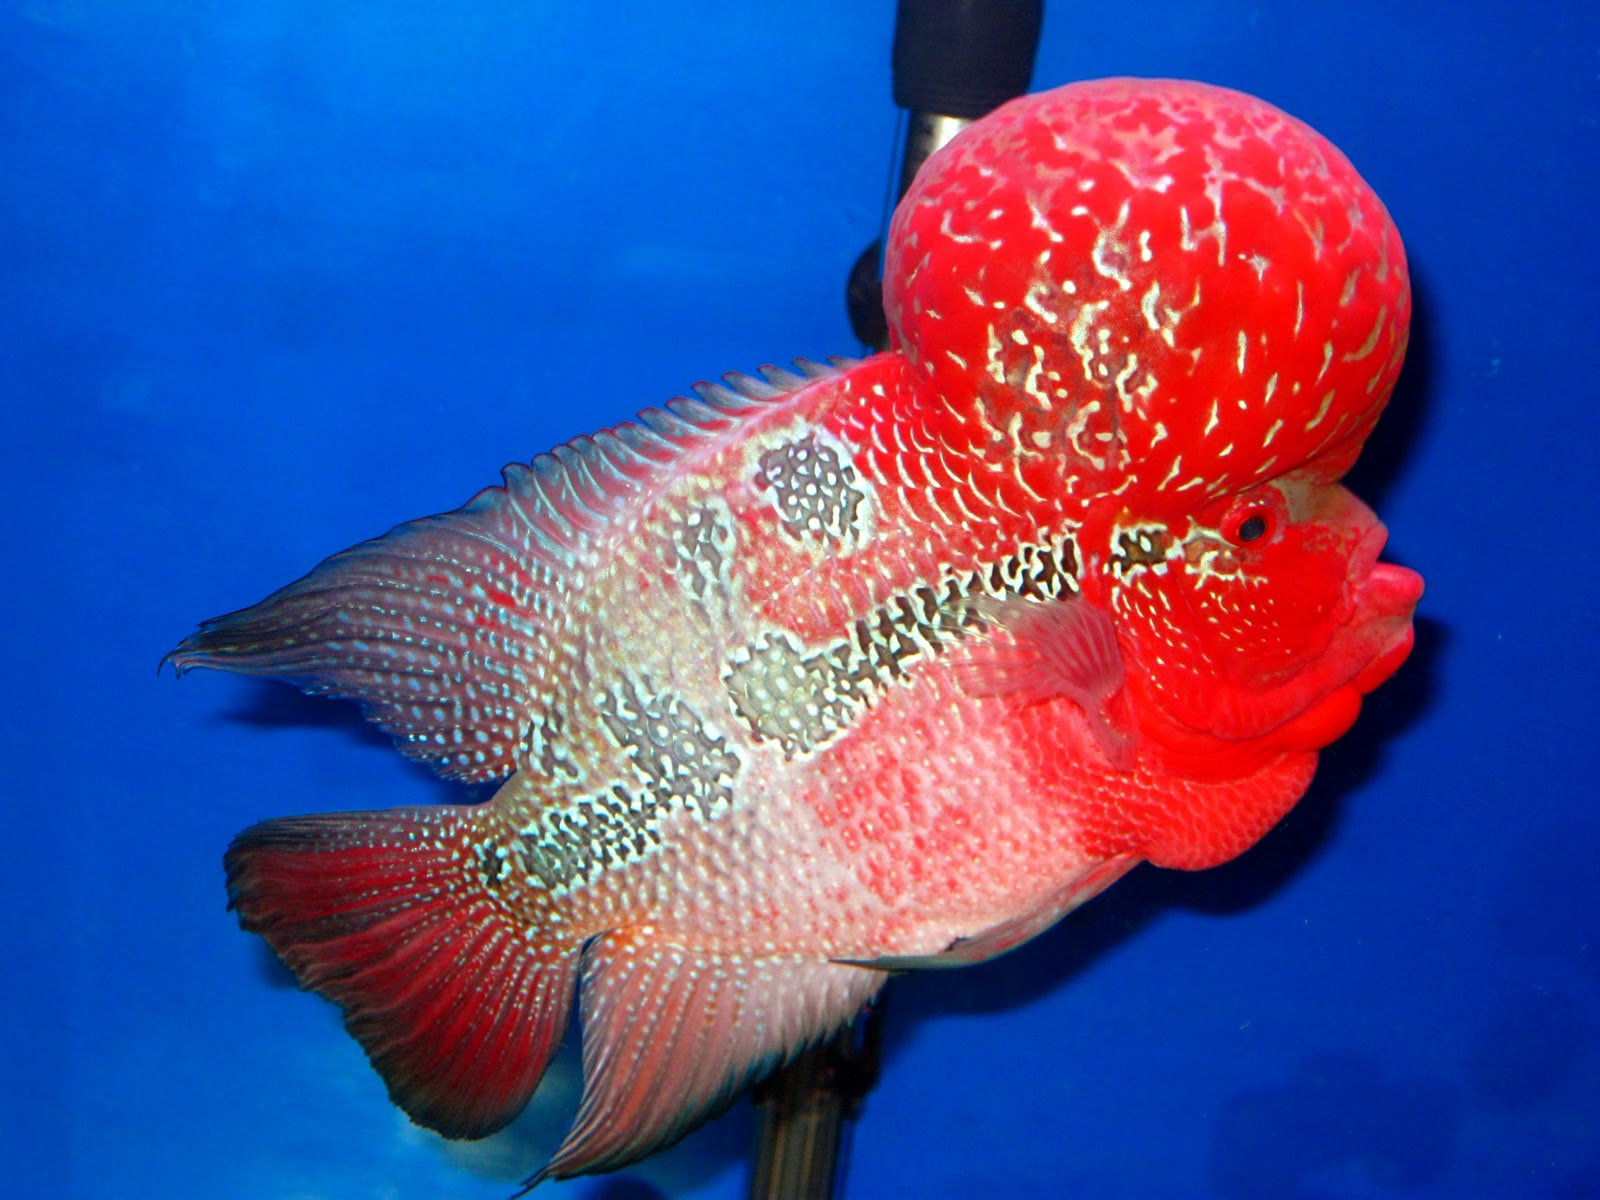 11 Daftar Pelet Ikan Louhan Yang Bagus Untuk Pertumbuhan Dan Warna Ikanesia Id